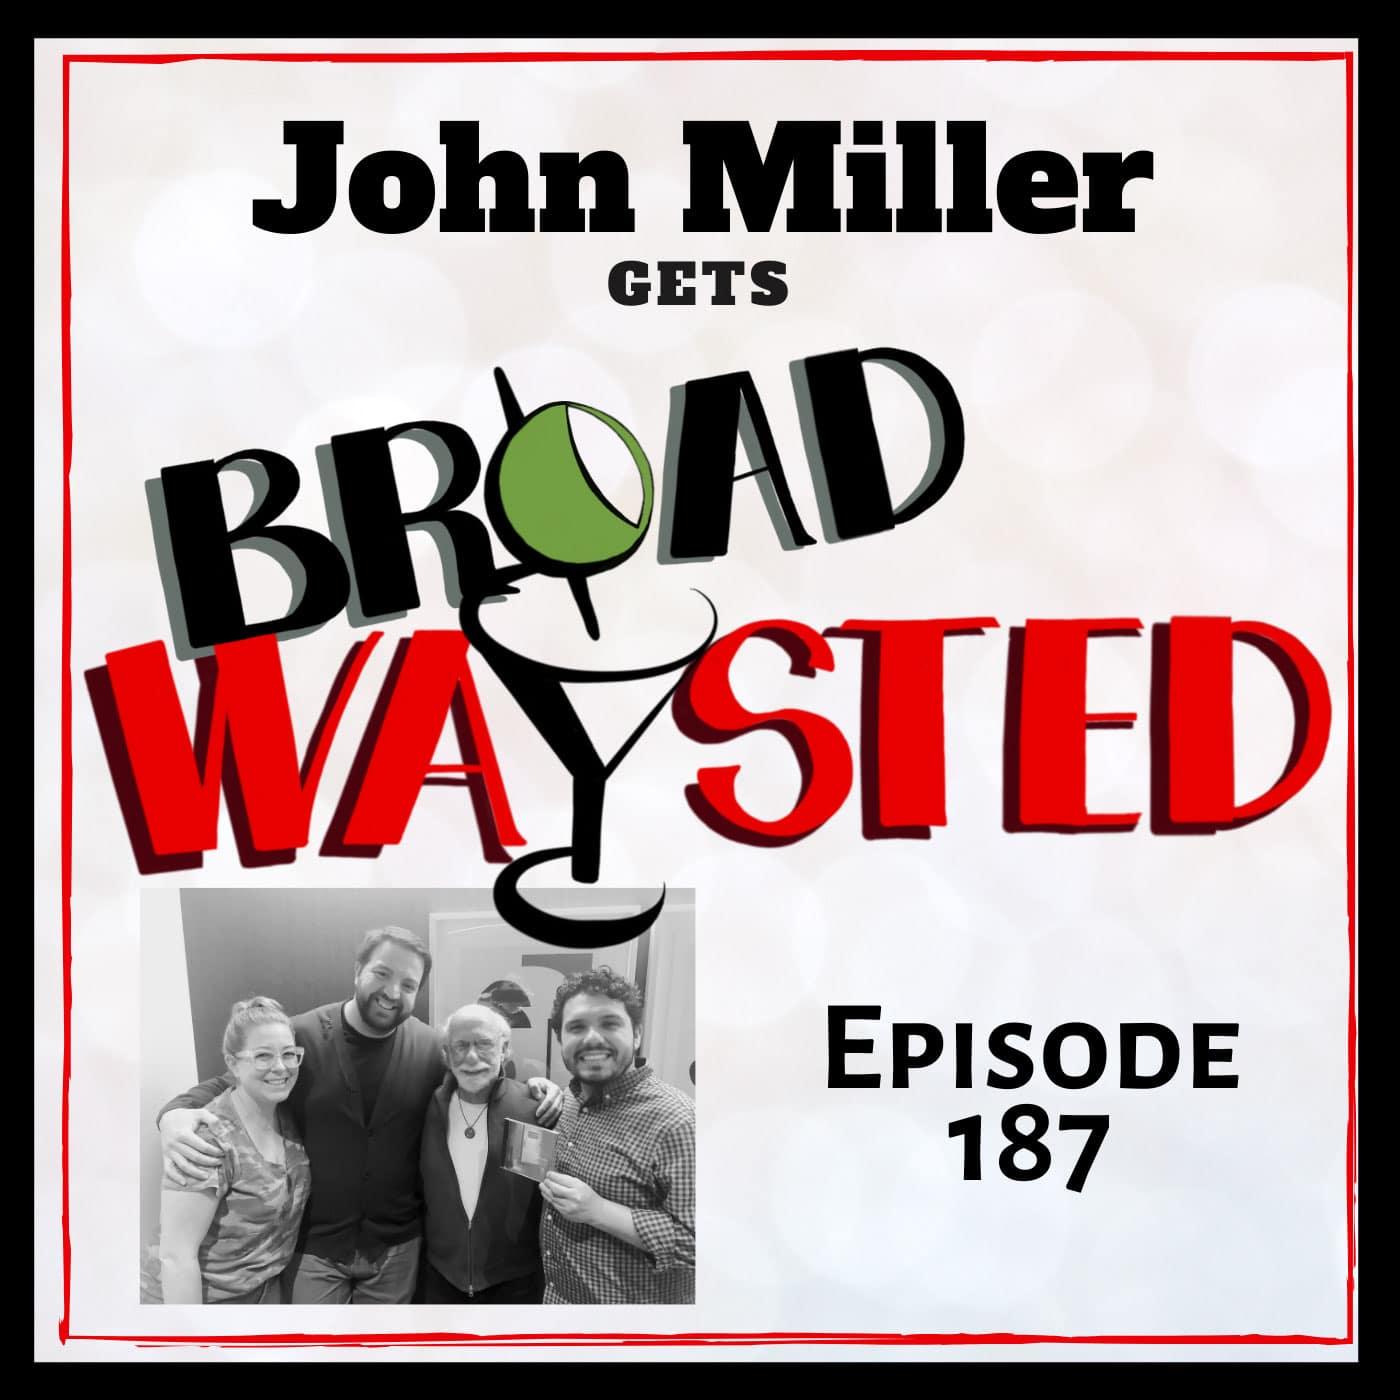 Broadwaysted Episode 187 John Miller